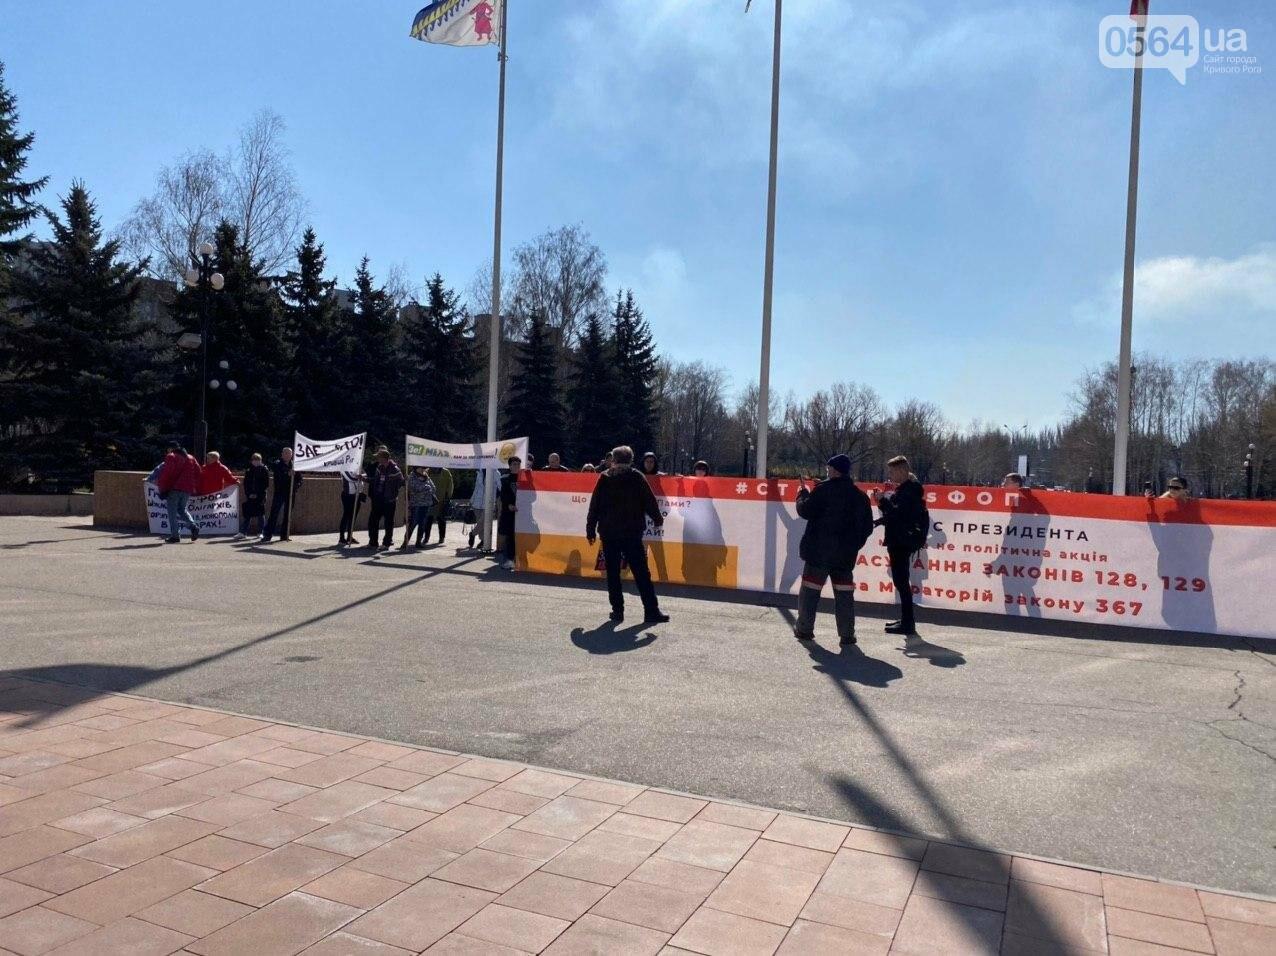 Криворожские предприниматели устроили акцию под горсоветом, - ФОТО, ВИДЕО, фото-3